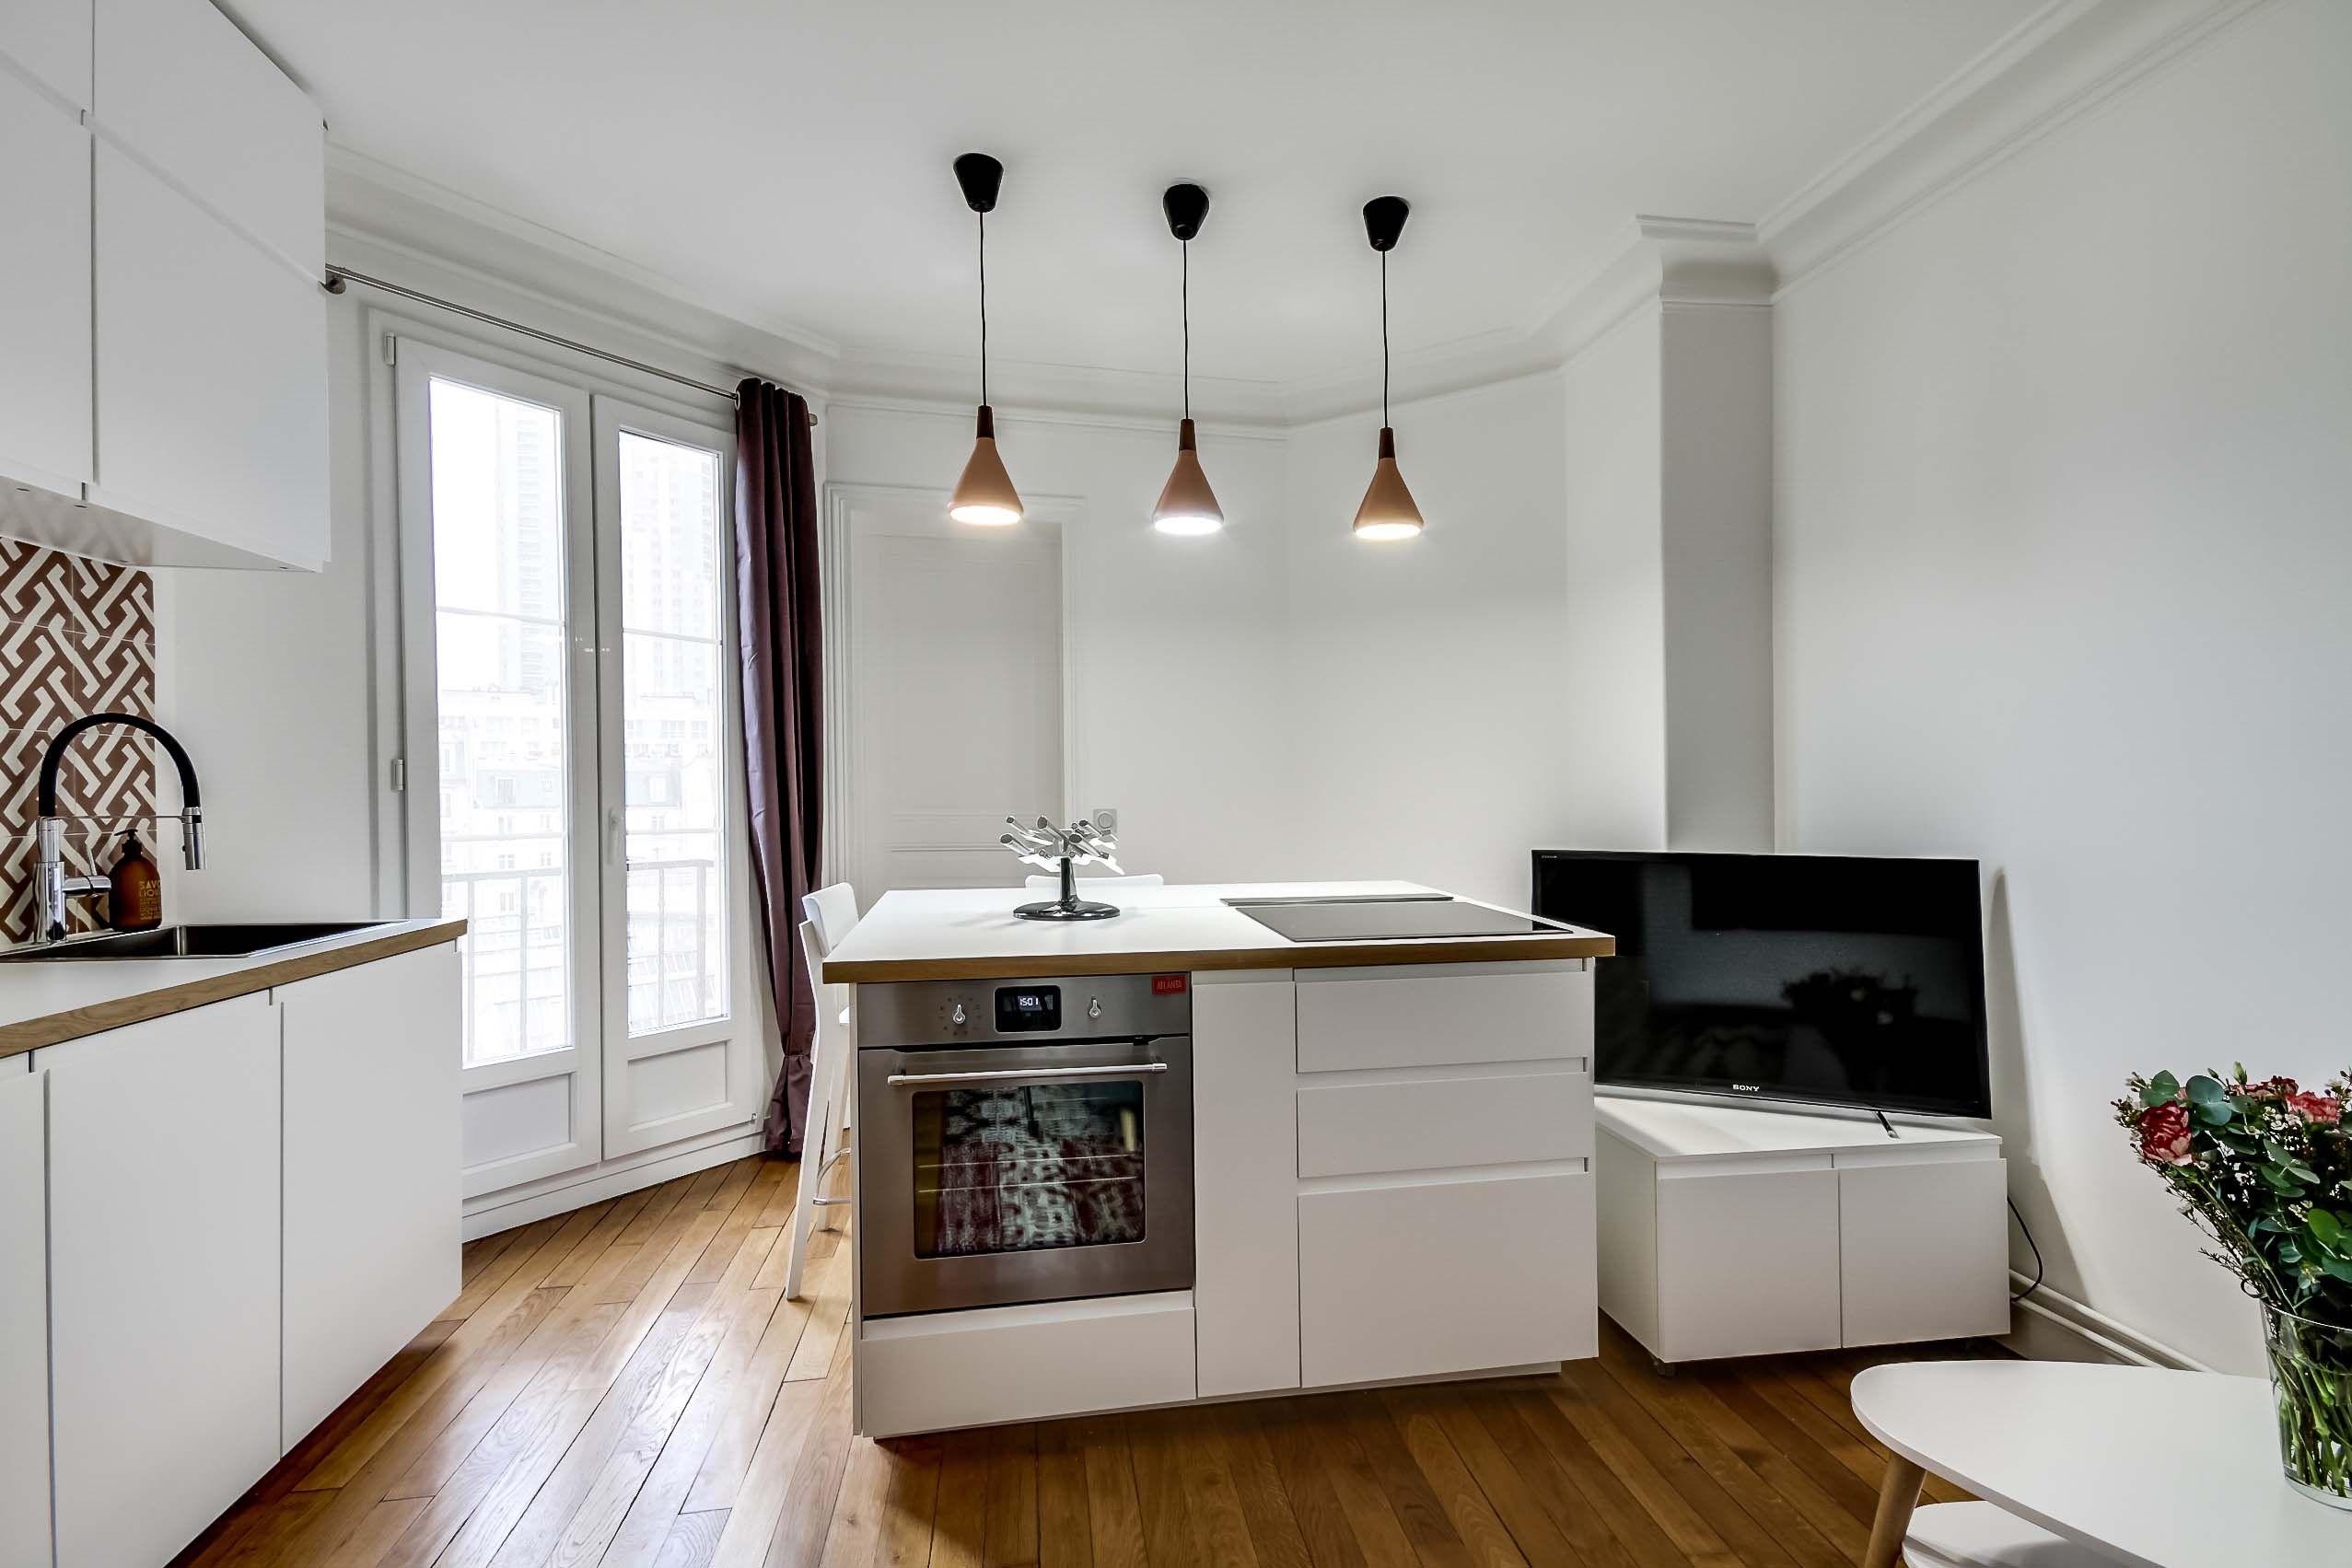 Cuisine Ikea Ouverte Sur Salon cuisine ouverte sur coin salon dans appartement entièrement